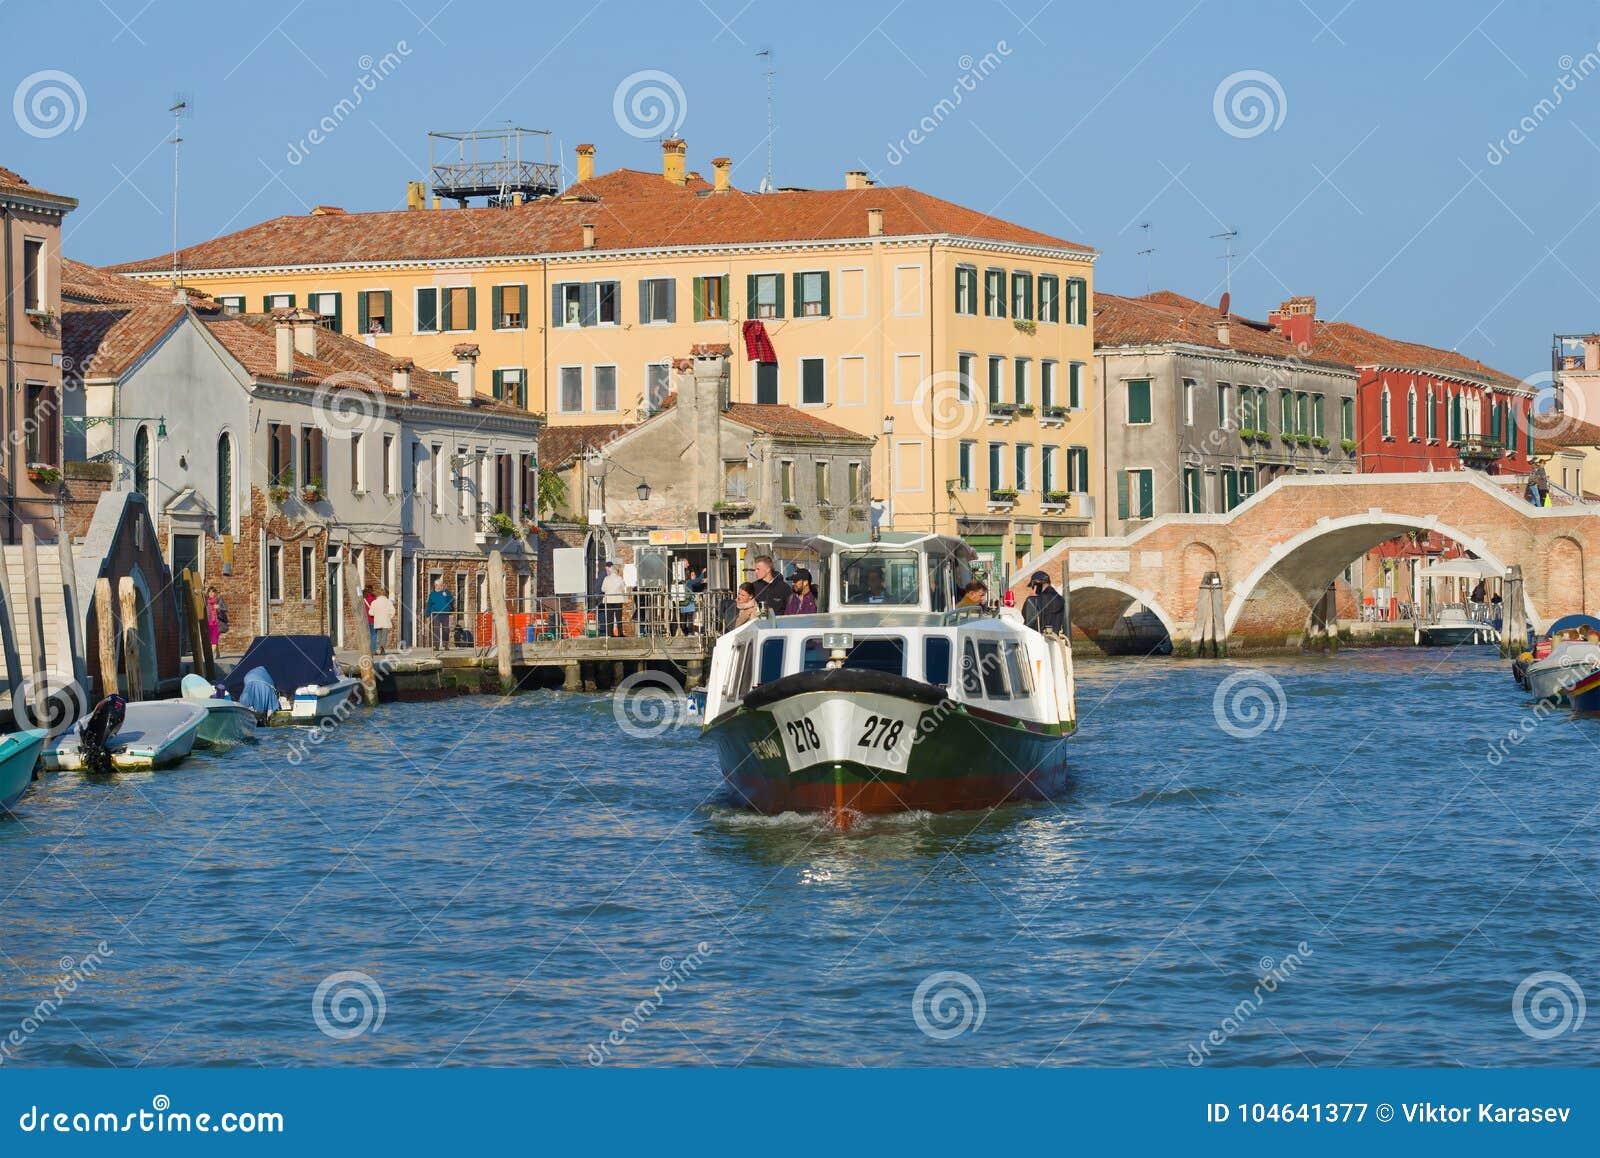 Download Vaporetto Met Passagiers Op Kannaredzho-kanaal In De Zonnige Dag, Venetië Redactionele Fotografie - Afbeelding bestaande uit passagiers, vervoer: 104641377